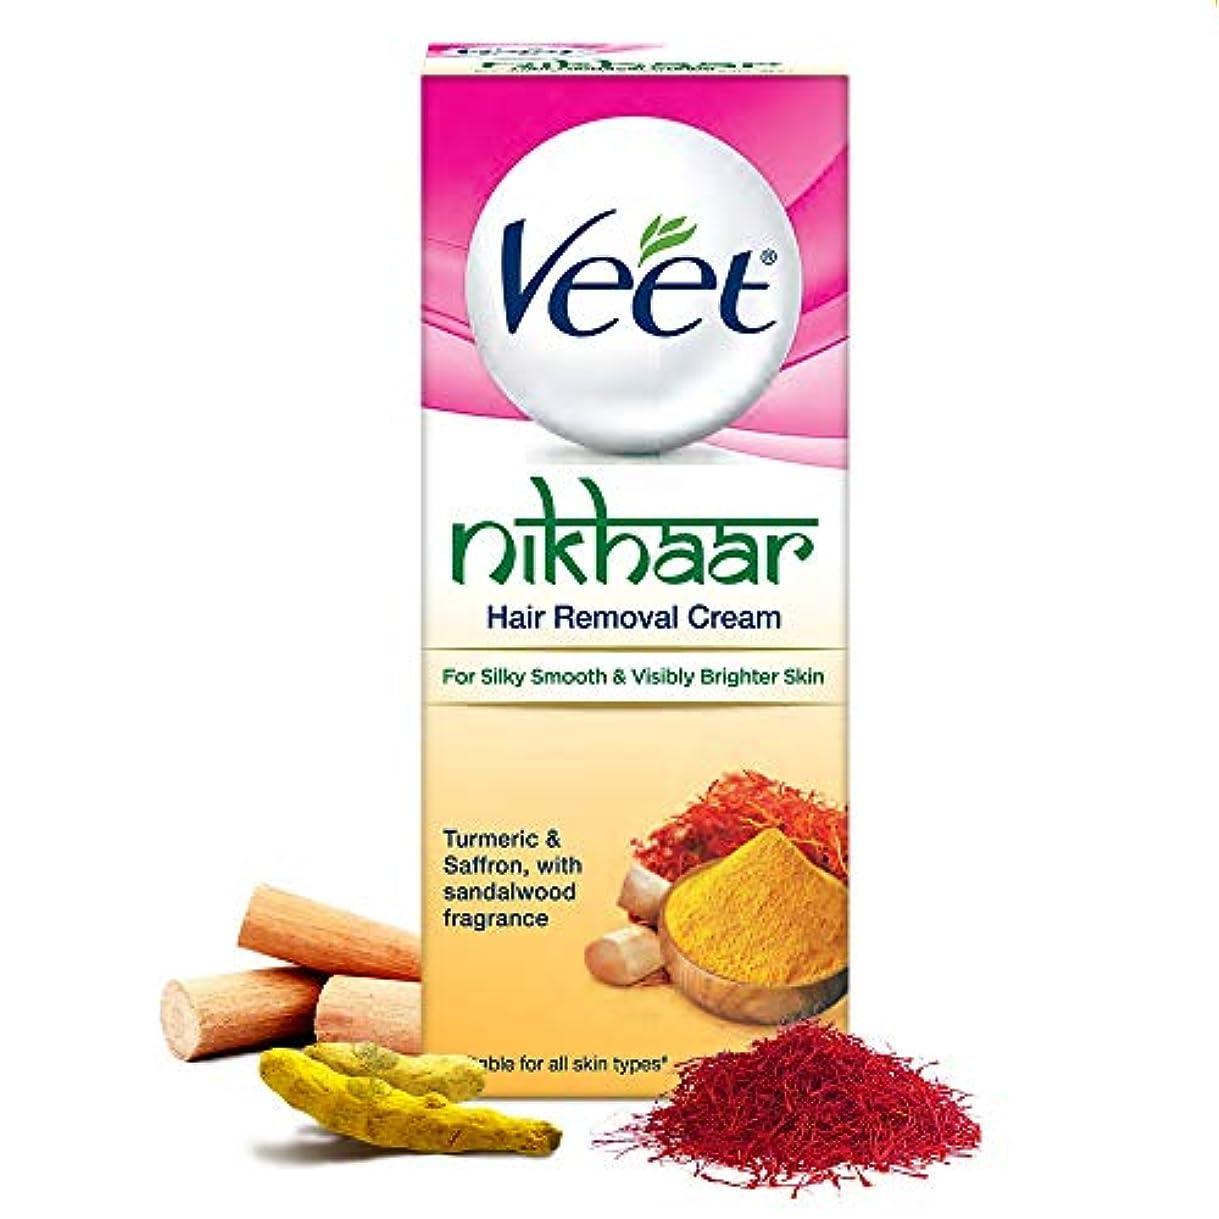 Veet Nikhaar Hair Removal Cream for All Skin Types, 50g - India